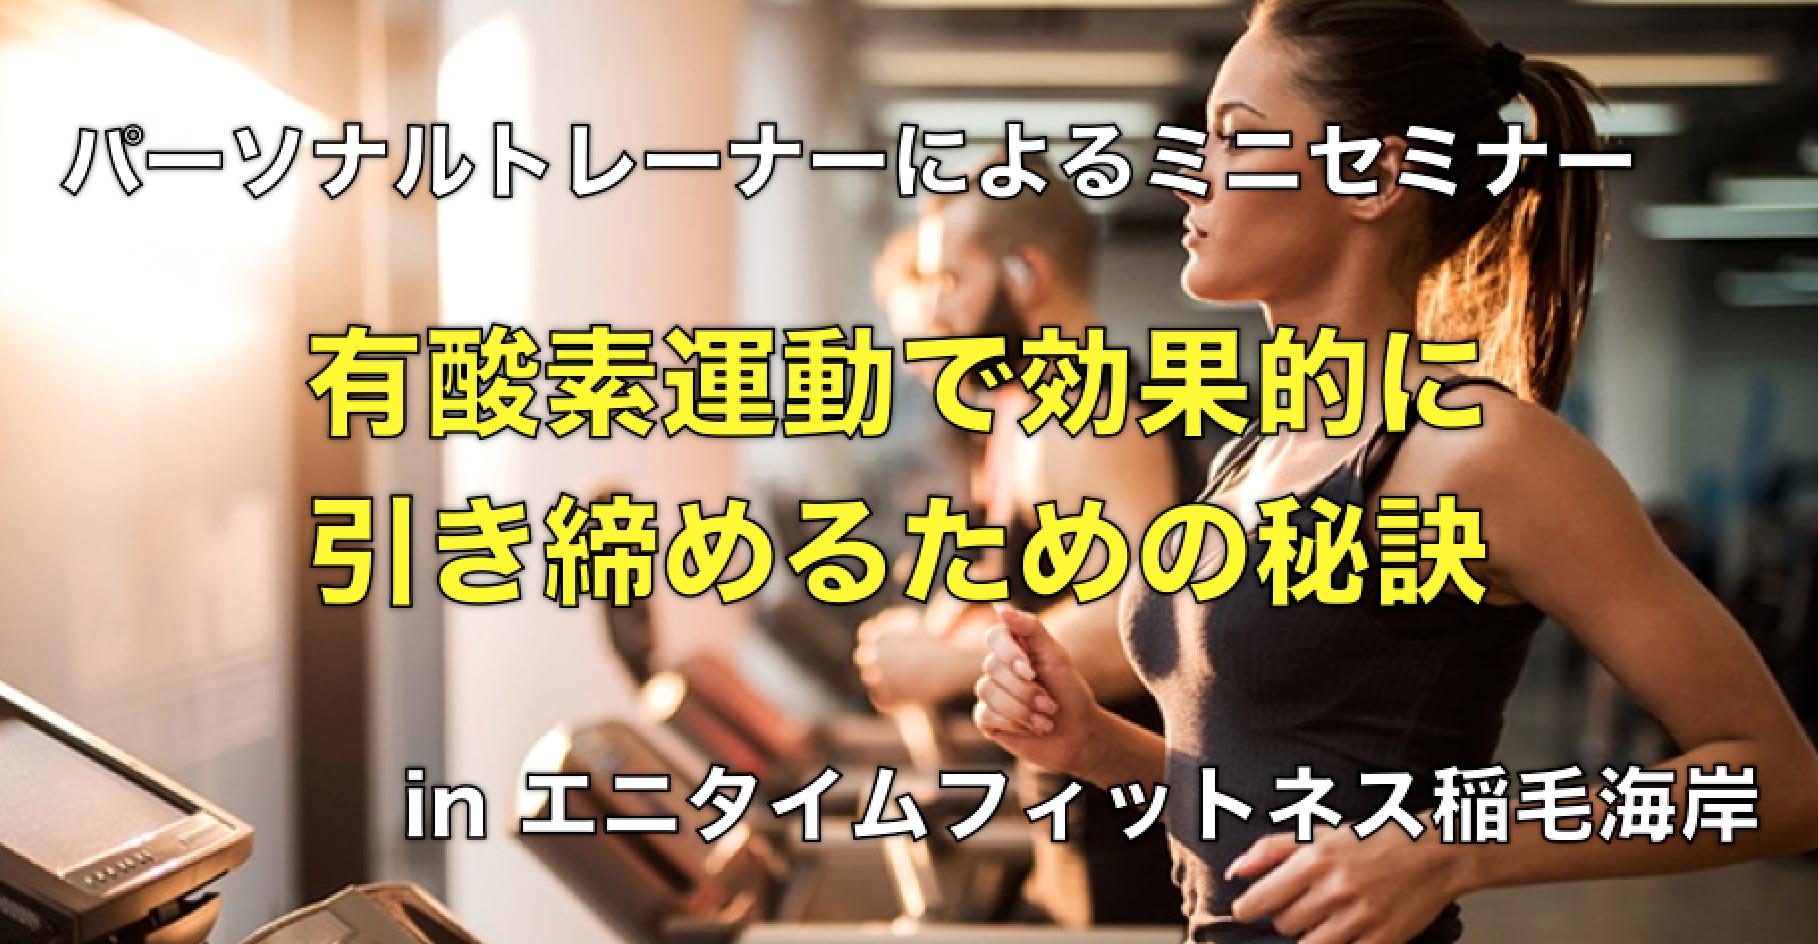 【10月8日(日)開催!!】有酸素運動で効果的に引き締める秘訣 in 稲毛海岸